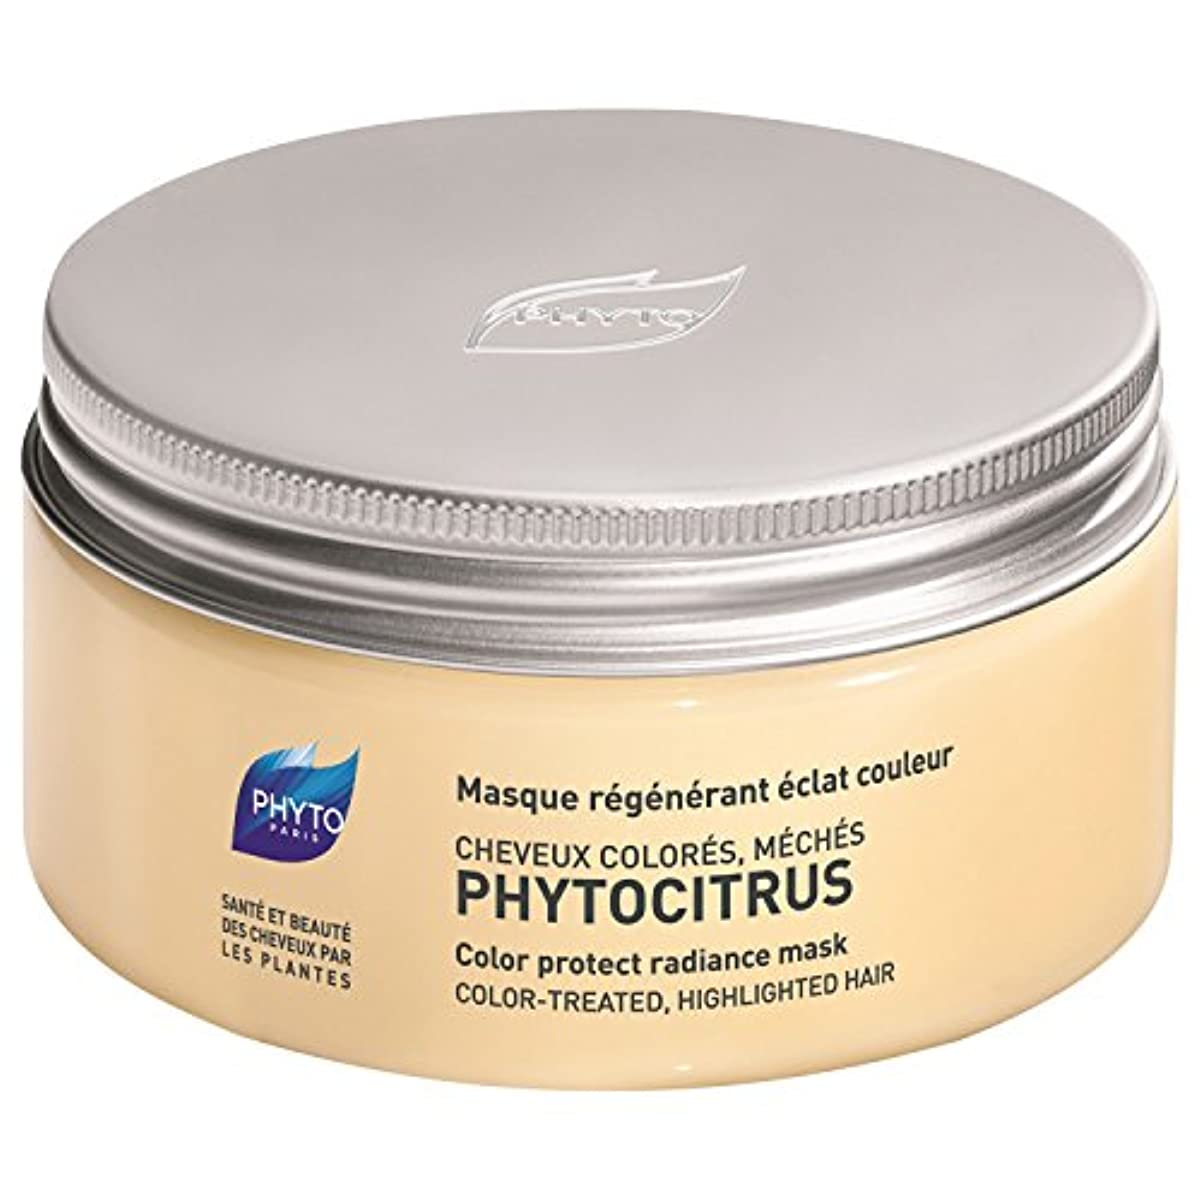 モーテル穀物摘むフィトPhytocitrus色保護放射輝度マスク200ミリリットル (Phyto) (x6) - Phyto Phytocitrus Colour Protect Radiance Mask 200ml (Pack of...